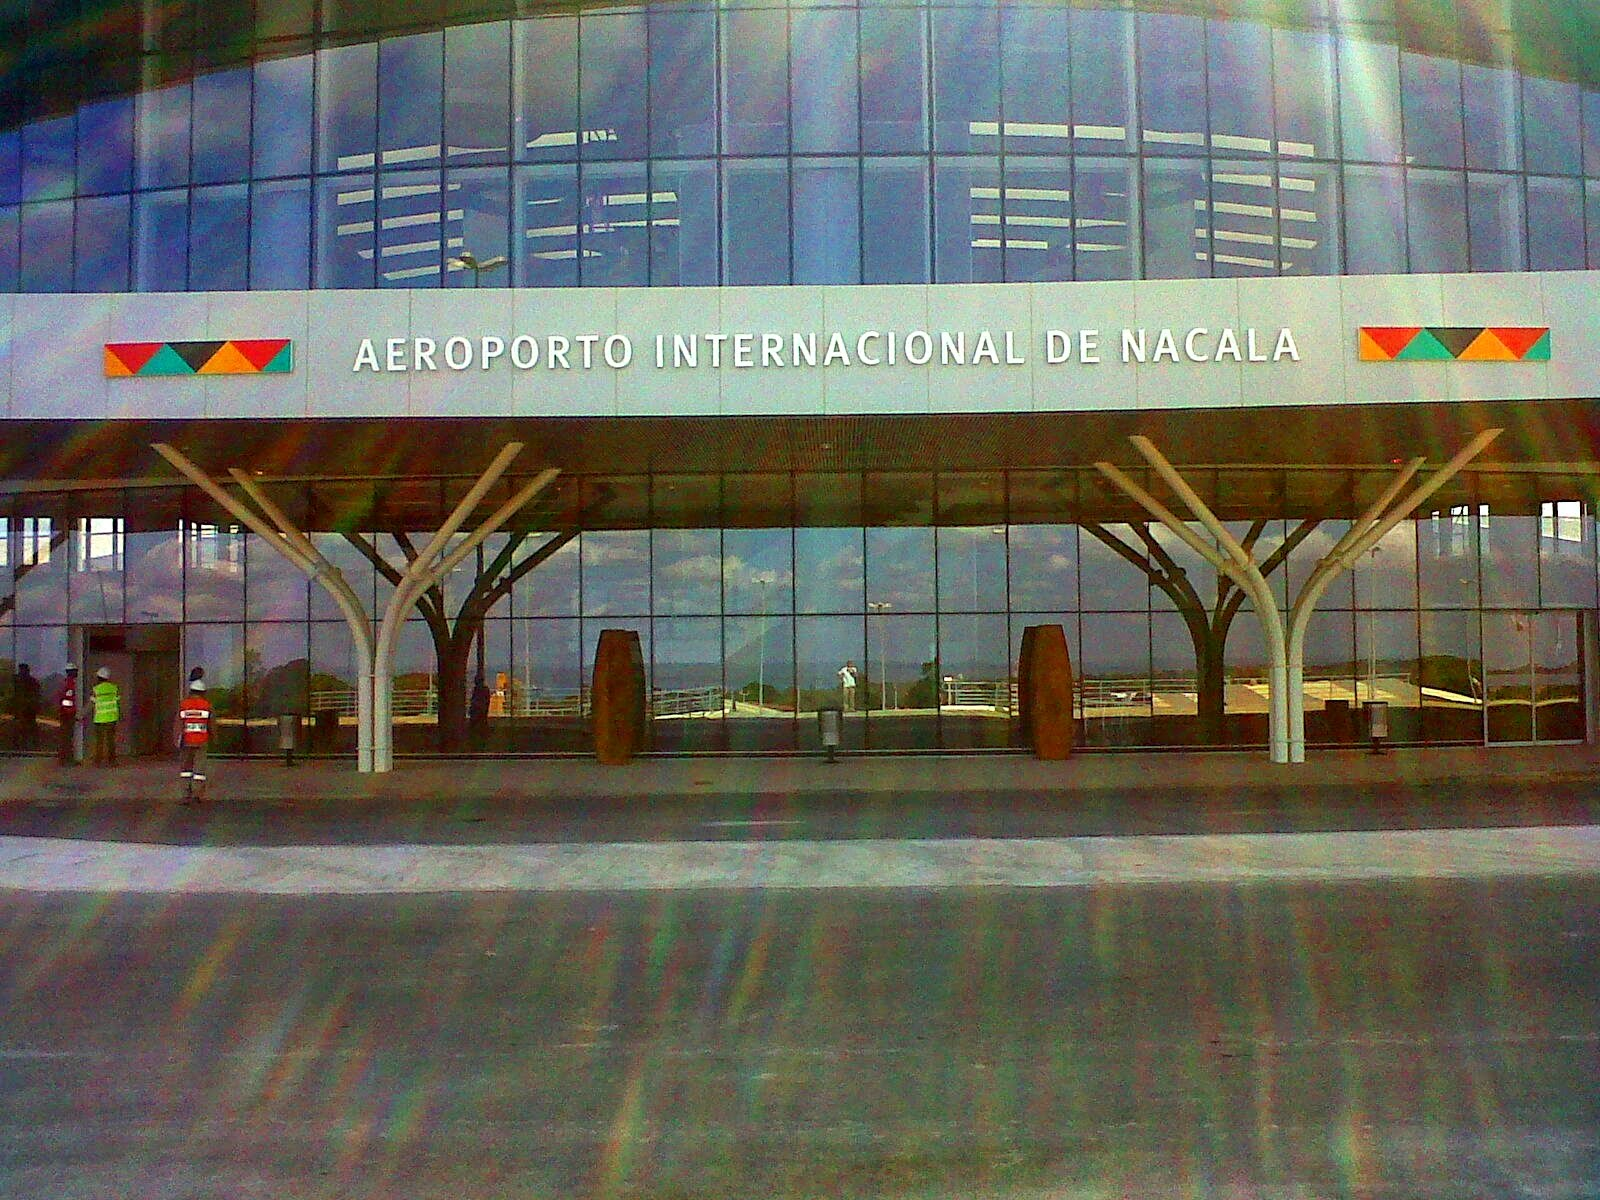 Aeroporto Beira Da Praia : Nandi iwe nacala porto aeroporto internacional de